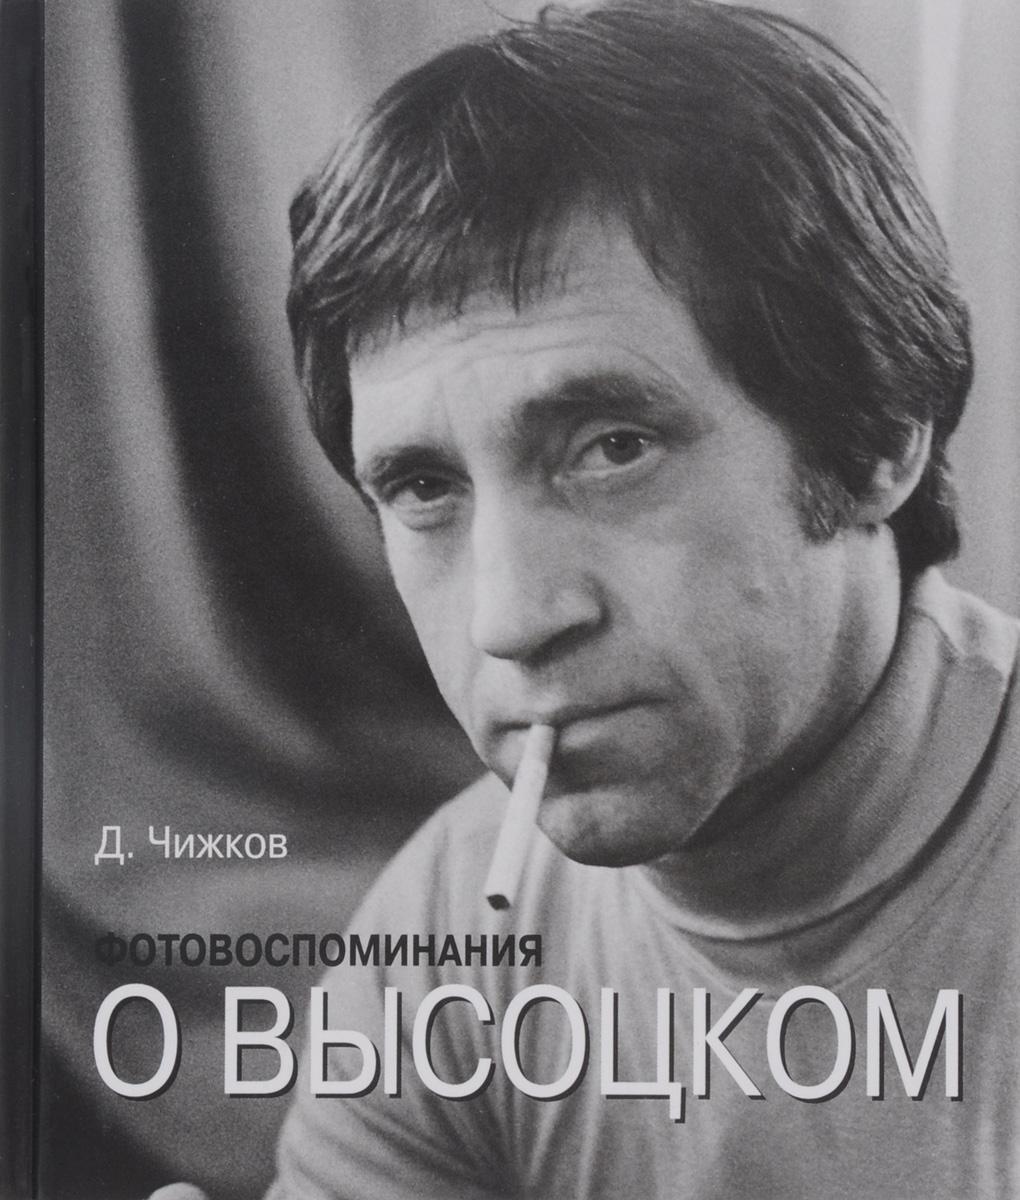 Фотовоспоминания о Высоцком